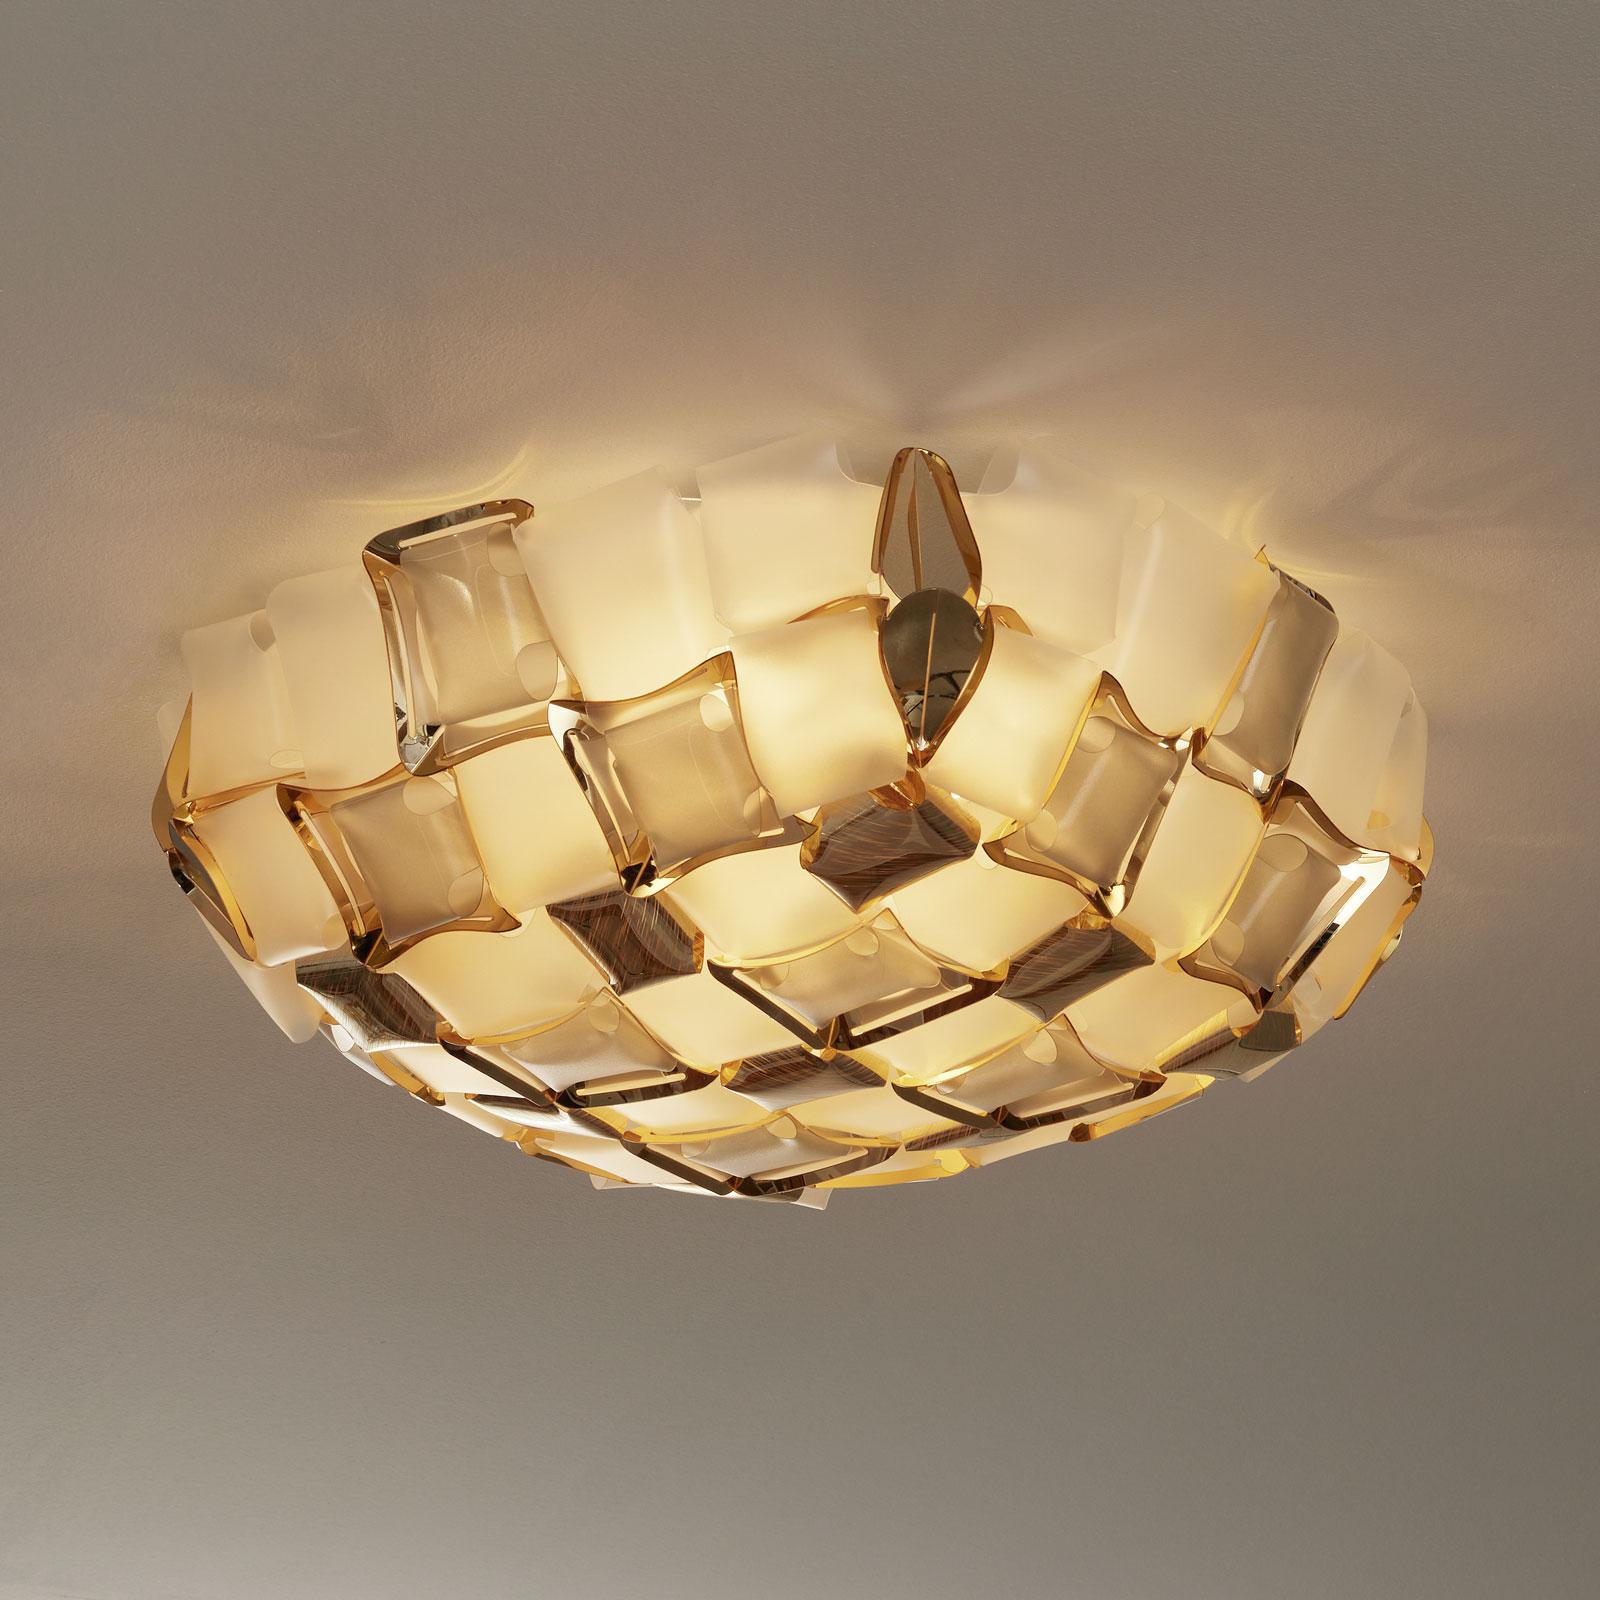 Slamp Mida ceiling light, Ø 67 cm, gold/white_8503422_1